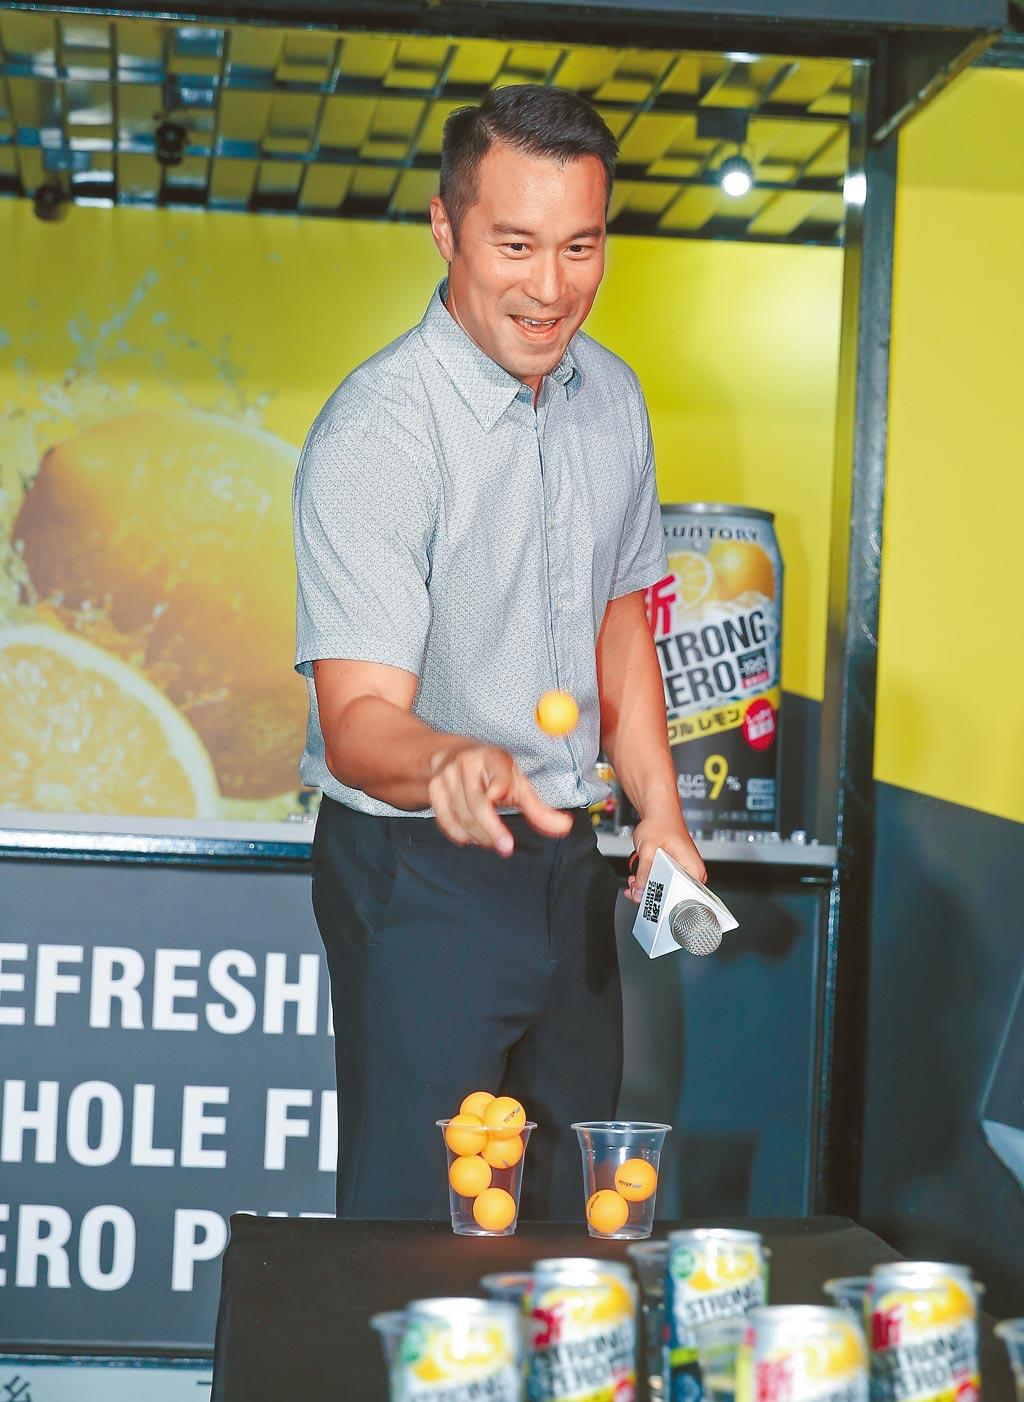 張孝全昨在現場與粉絲一起玩乒乓球彈跳酒杯遊戲。(盧禕祺攝)